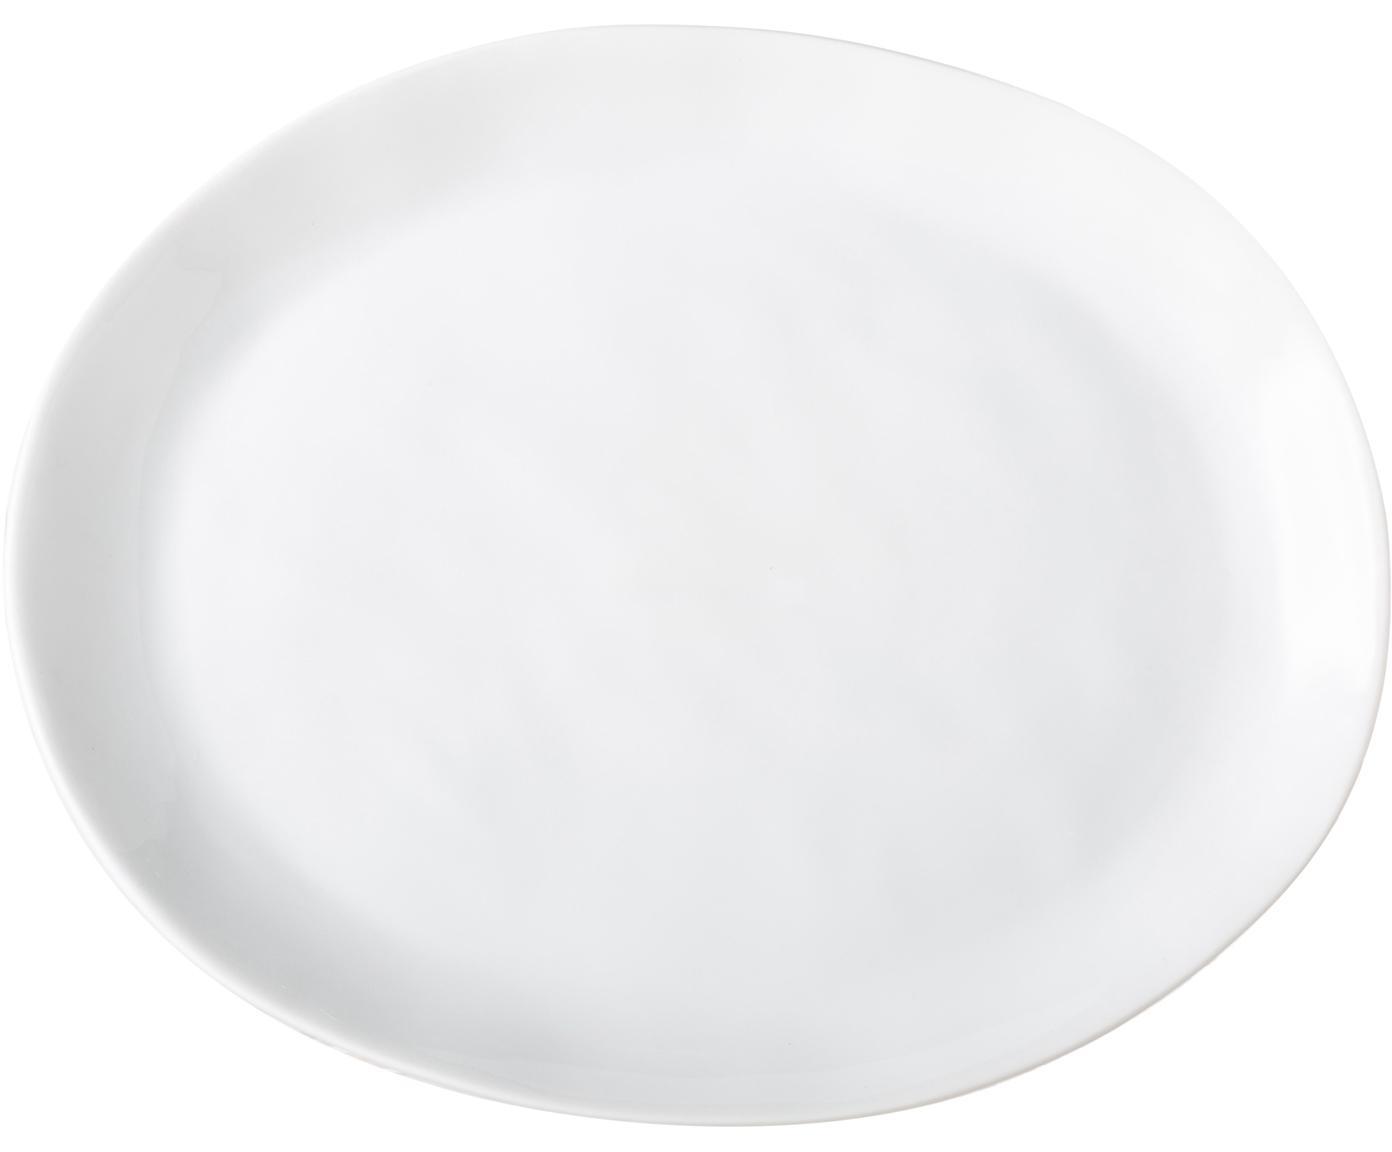 Piatto da colazione Porcelino 4 pz, Porcellana, volutamente irregolare, Bianco, Lung. 23 x Larg. 19 cm